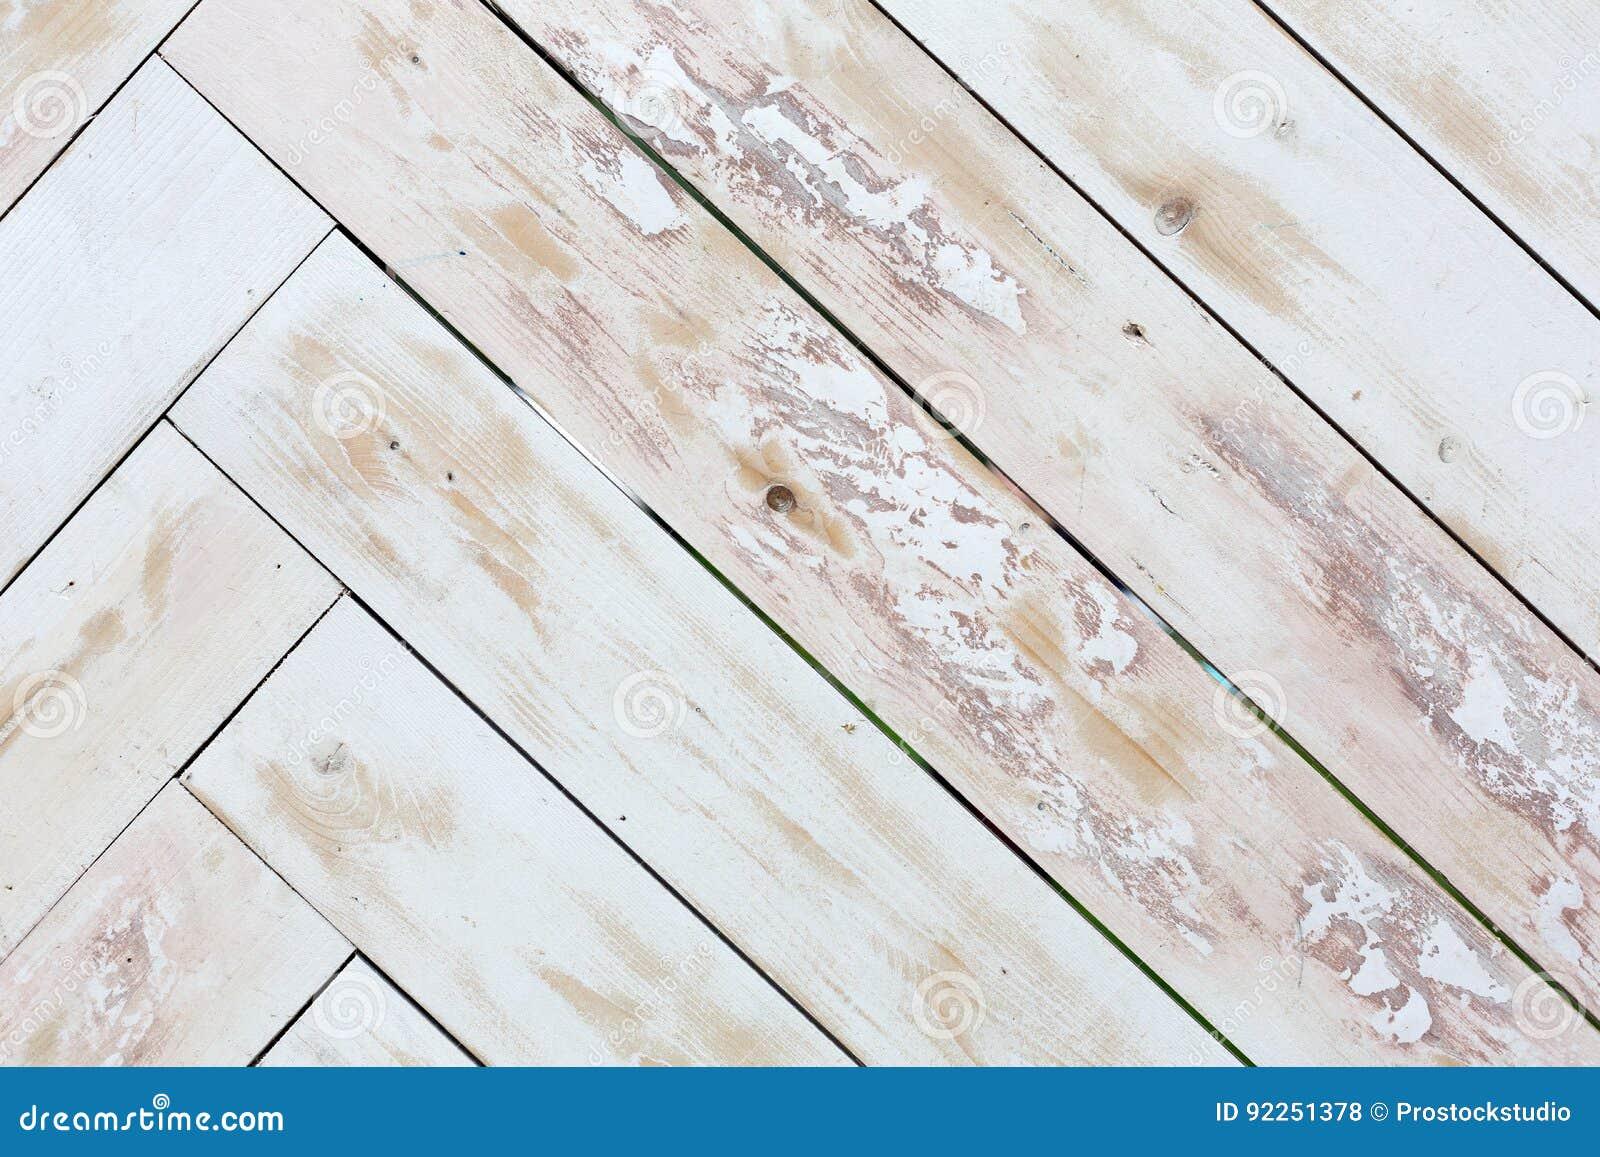 Fond en bois de texture parquet peint sale photo stock image 92251378 - Parquet peint en noir ...